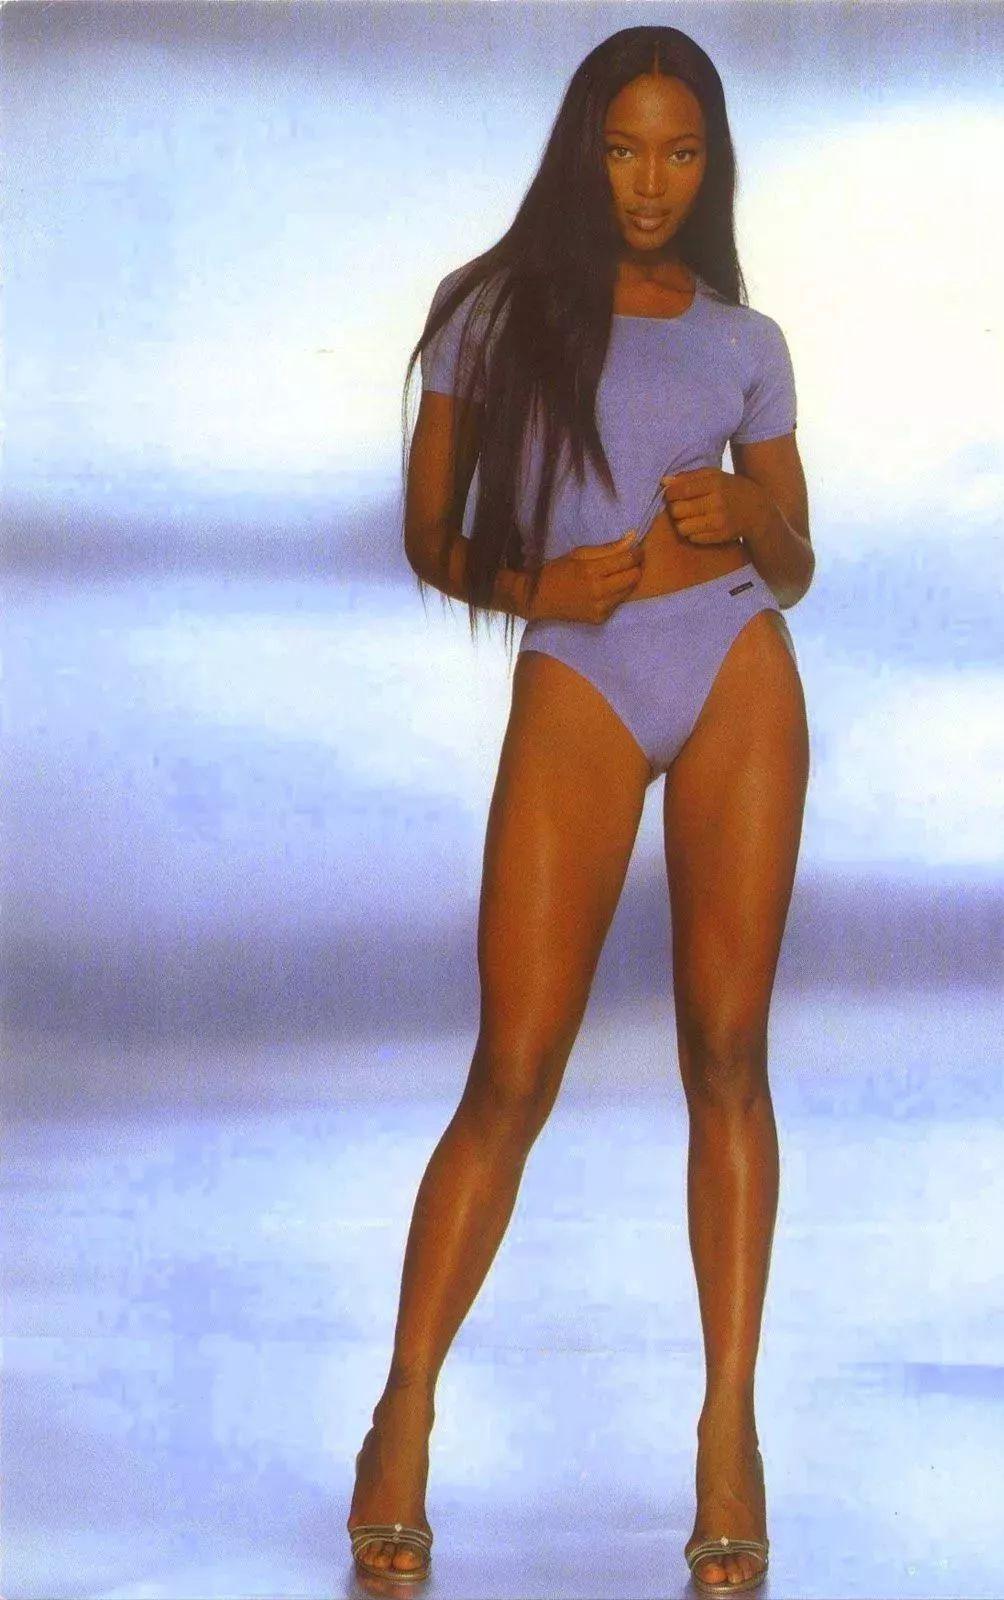 撕X万金油 / 传奇超模黑莓女战士Naomi Campbell婊情包